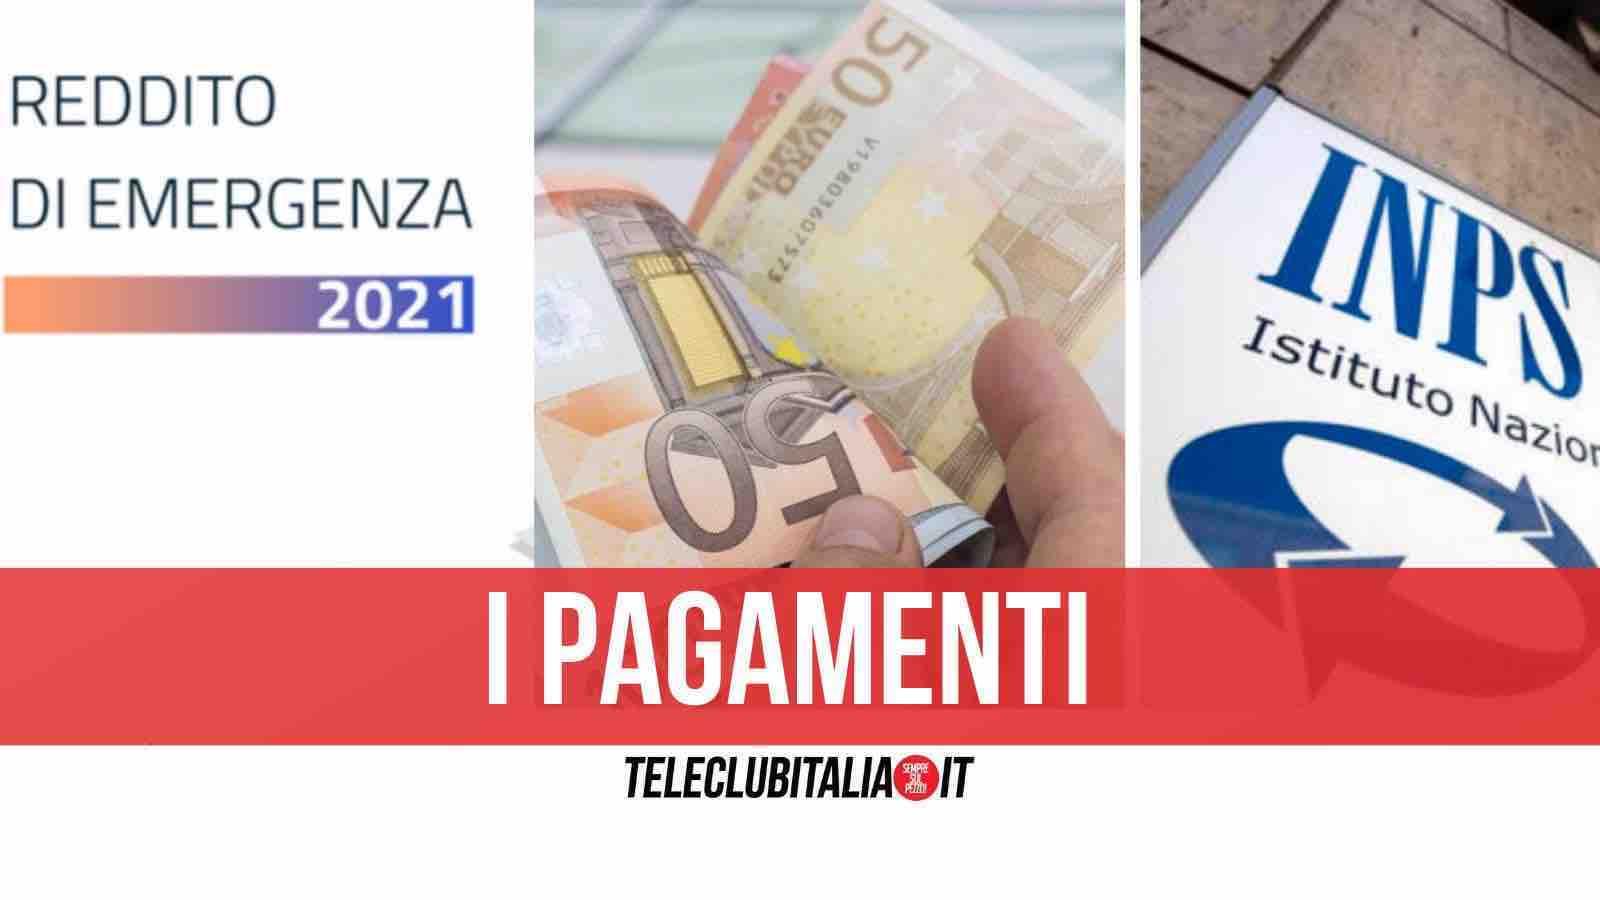 reddito di emergenza pagamento